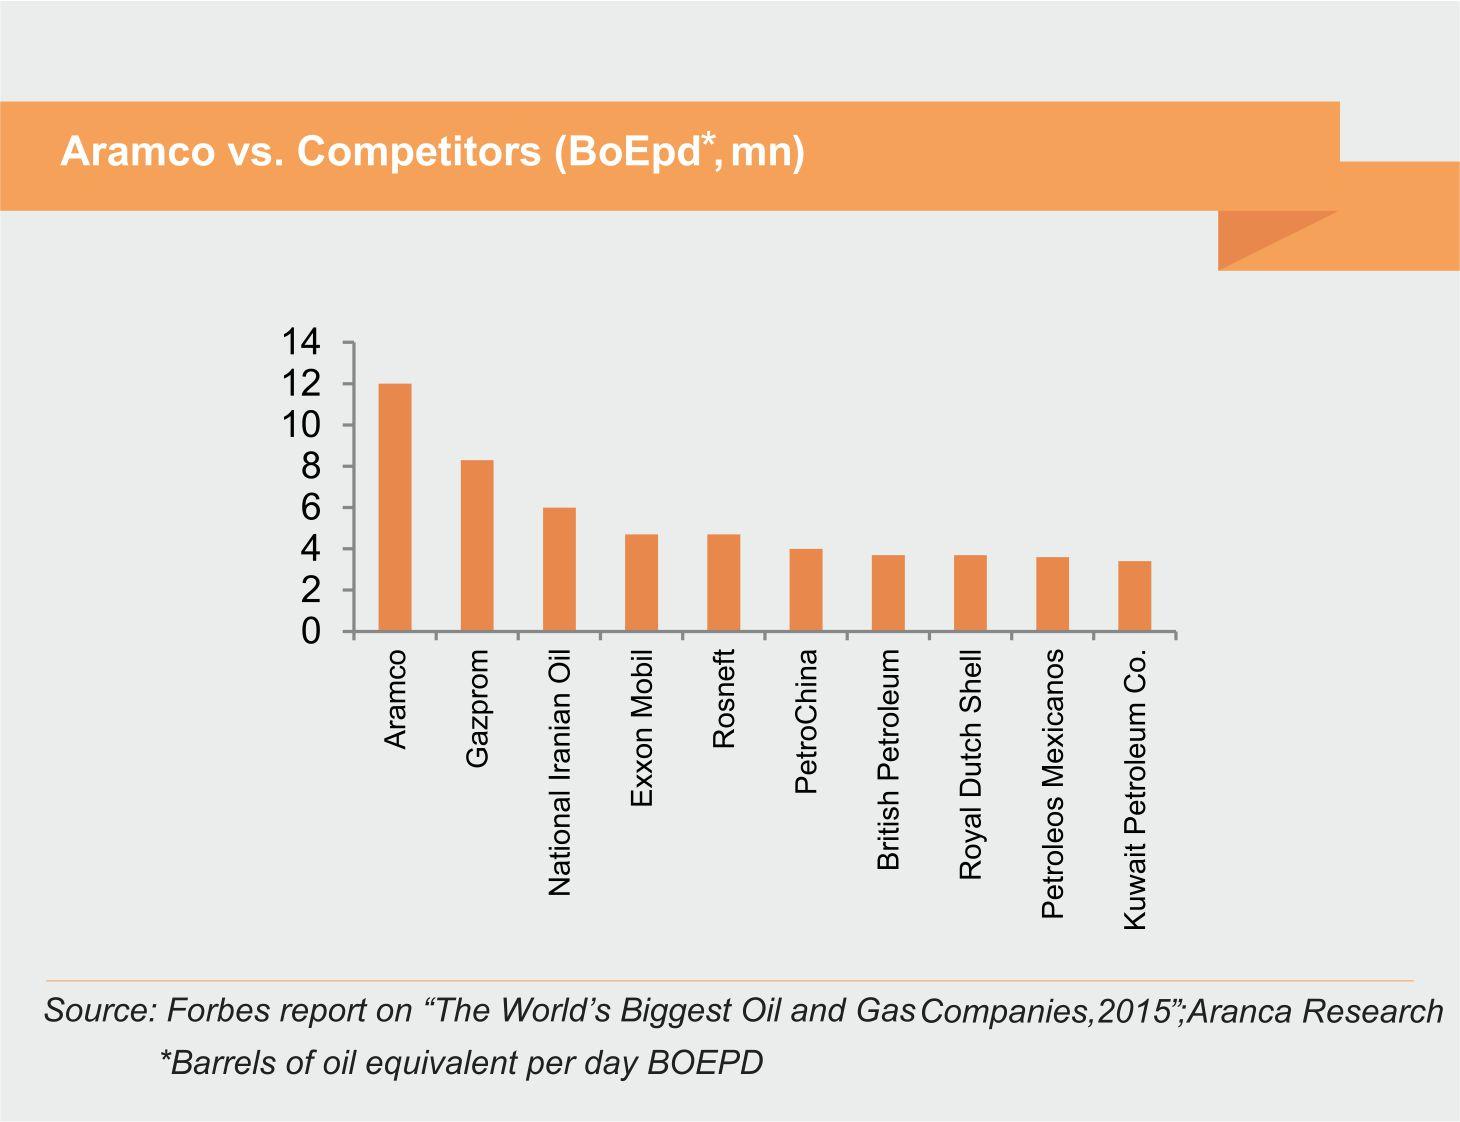 Aramco vs. Competitors (BoEpd, mn)